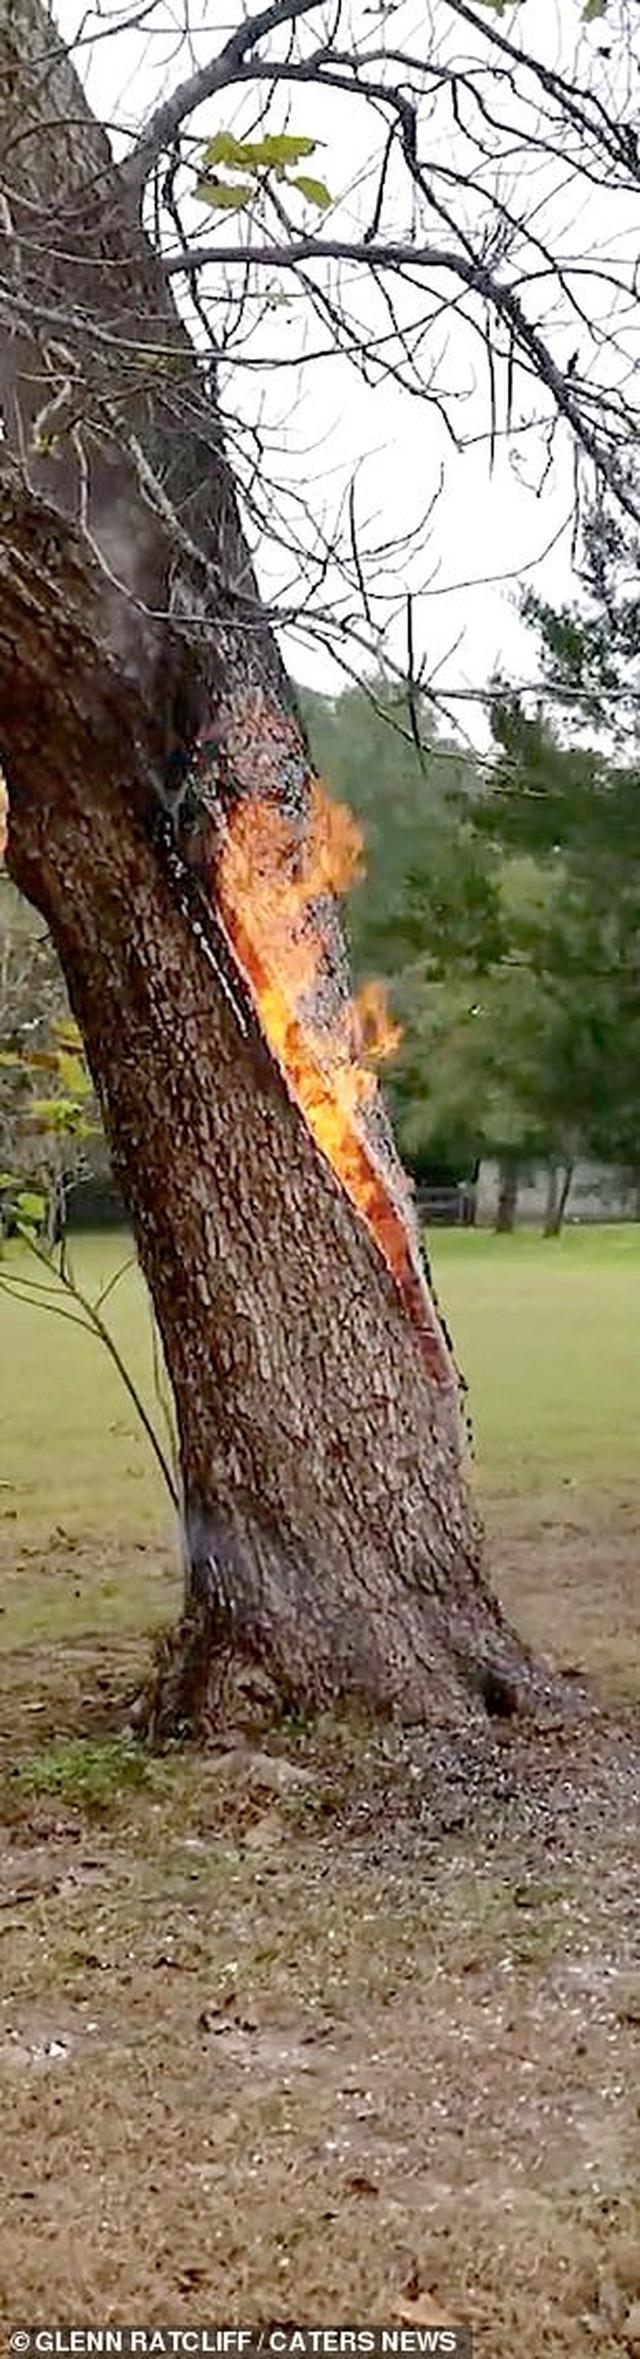 Kỳ lạ: Thân cây tách làm đôi và bốc cháy ngùn ngụt từ bên trong - 3